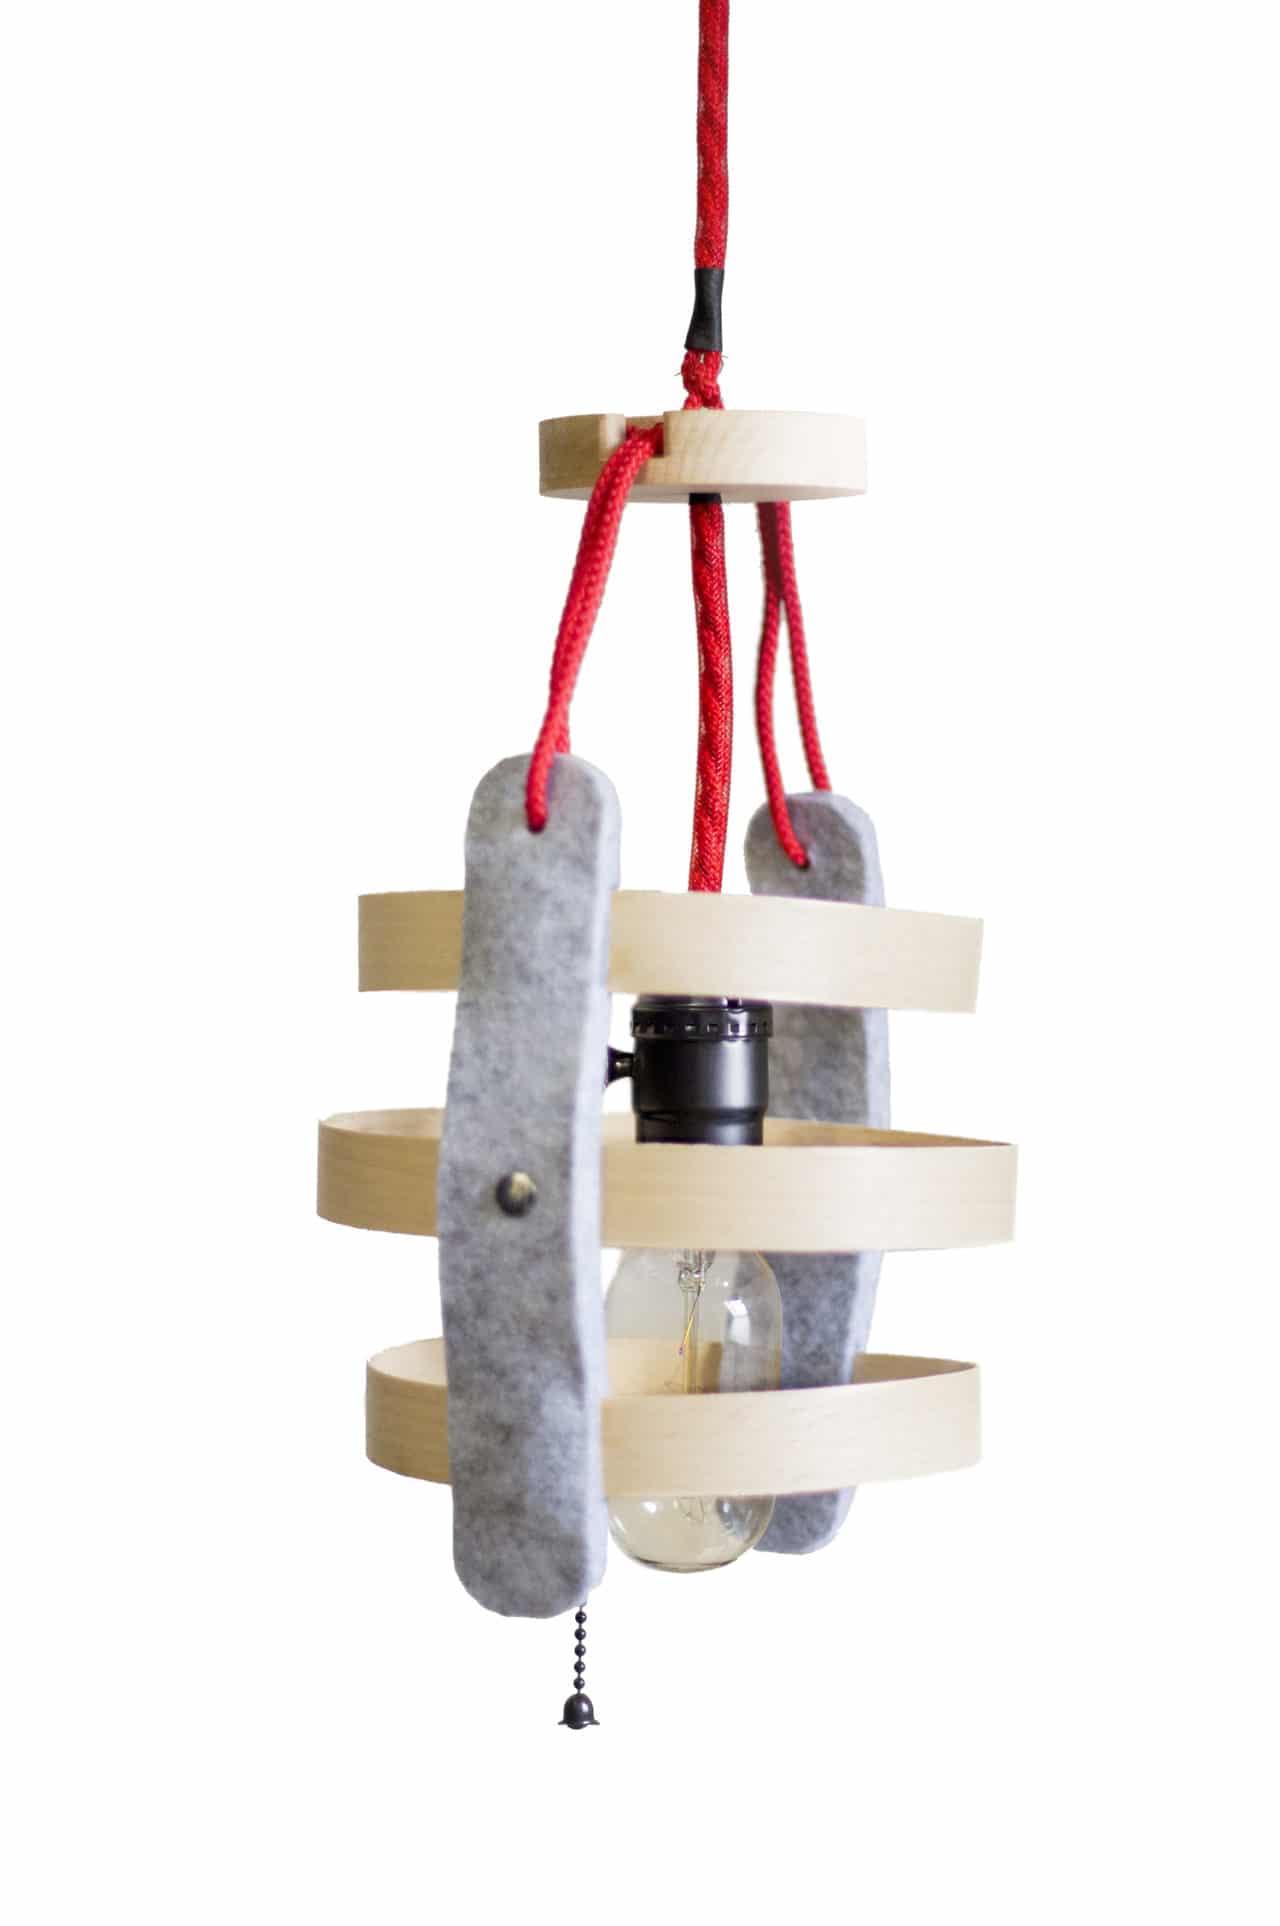 lampe suspension faite main honikky en htre en feutre luminaire style scandinave suspendre design original - Luminaire Style Scandinave